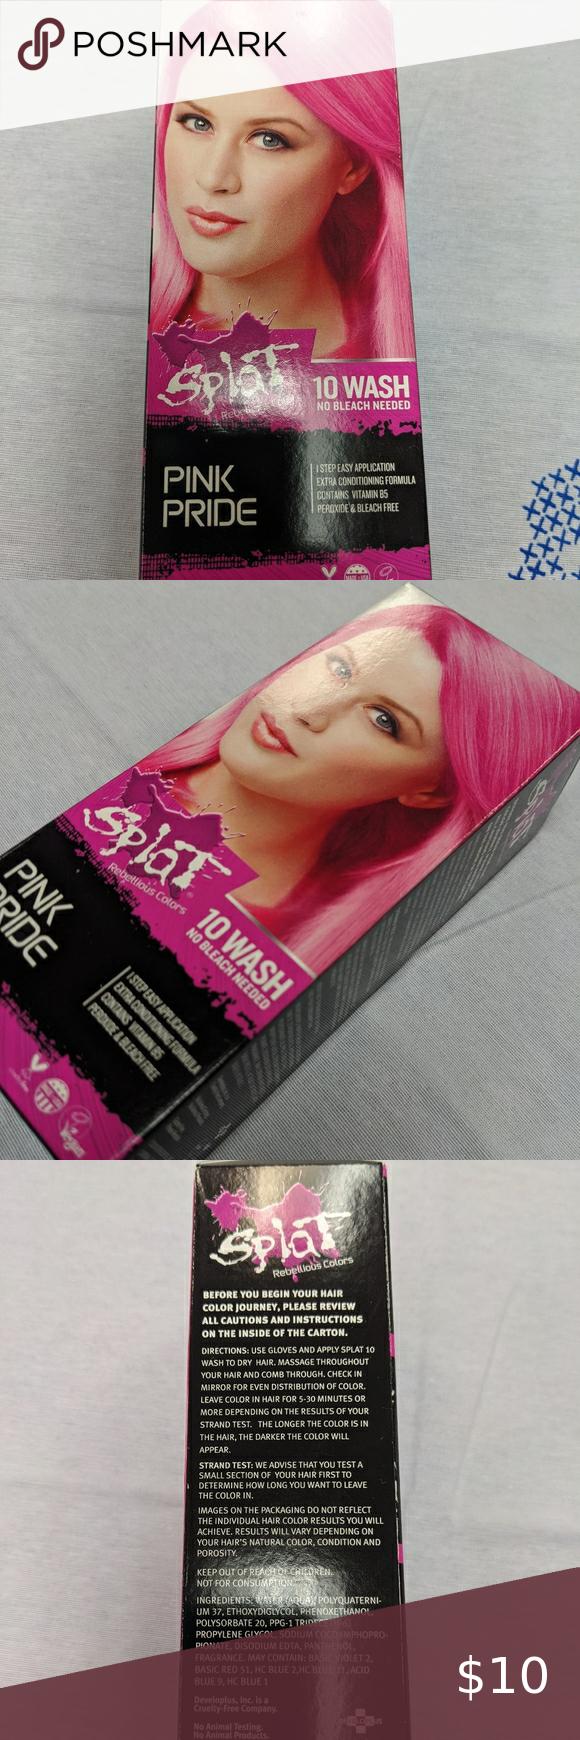 Splat Pink Pride Hair Dye In 2020 Pink Pride Dyed Hair Splat Hair Color